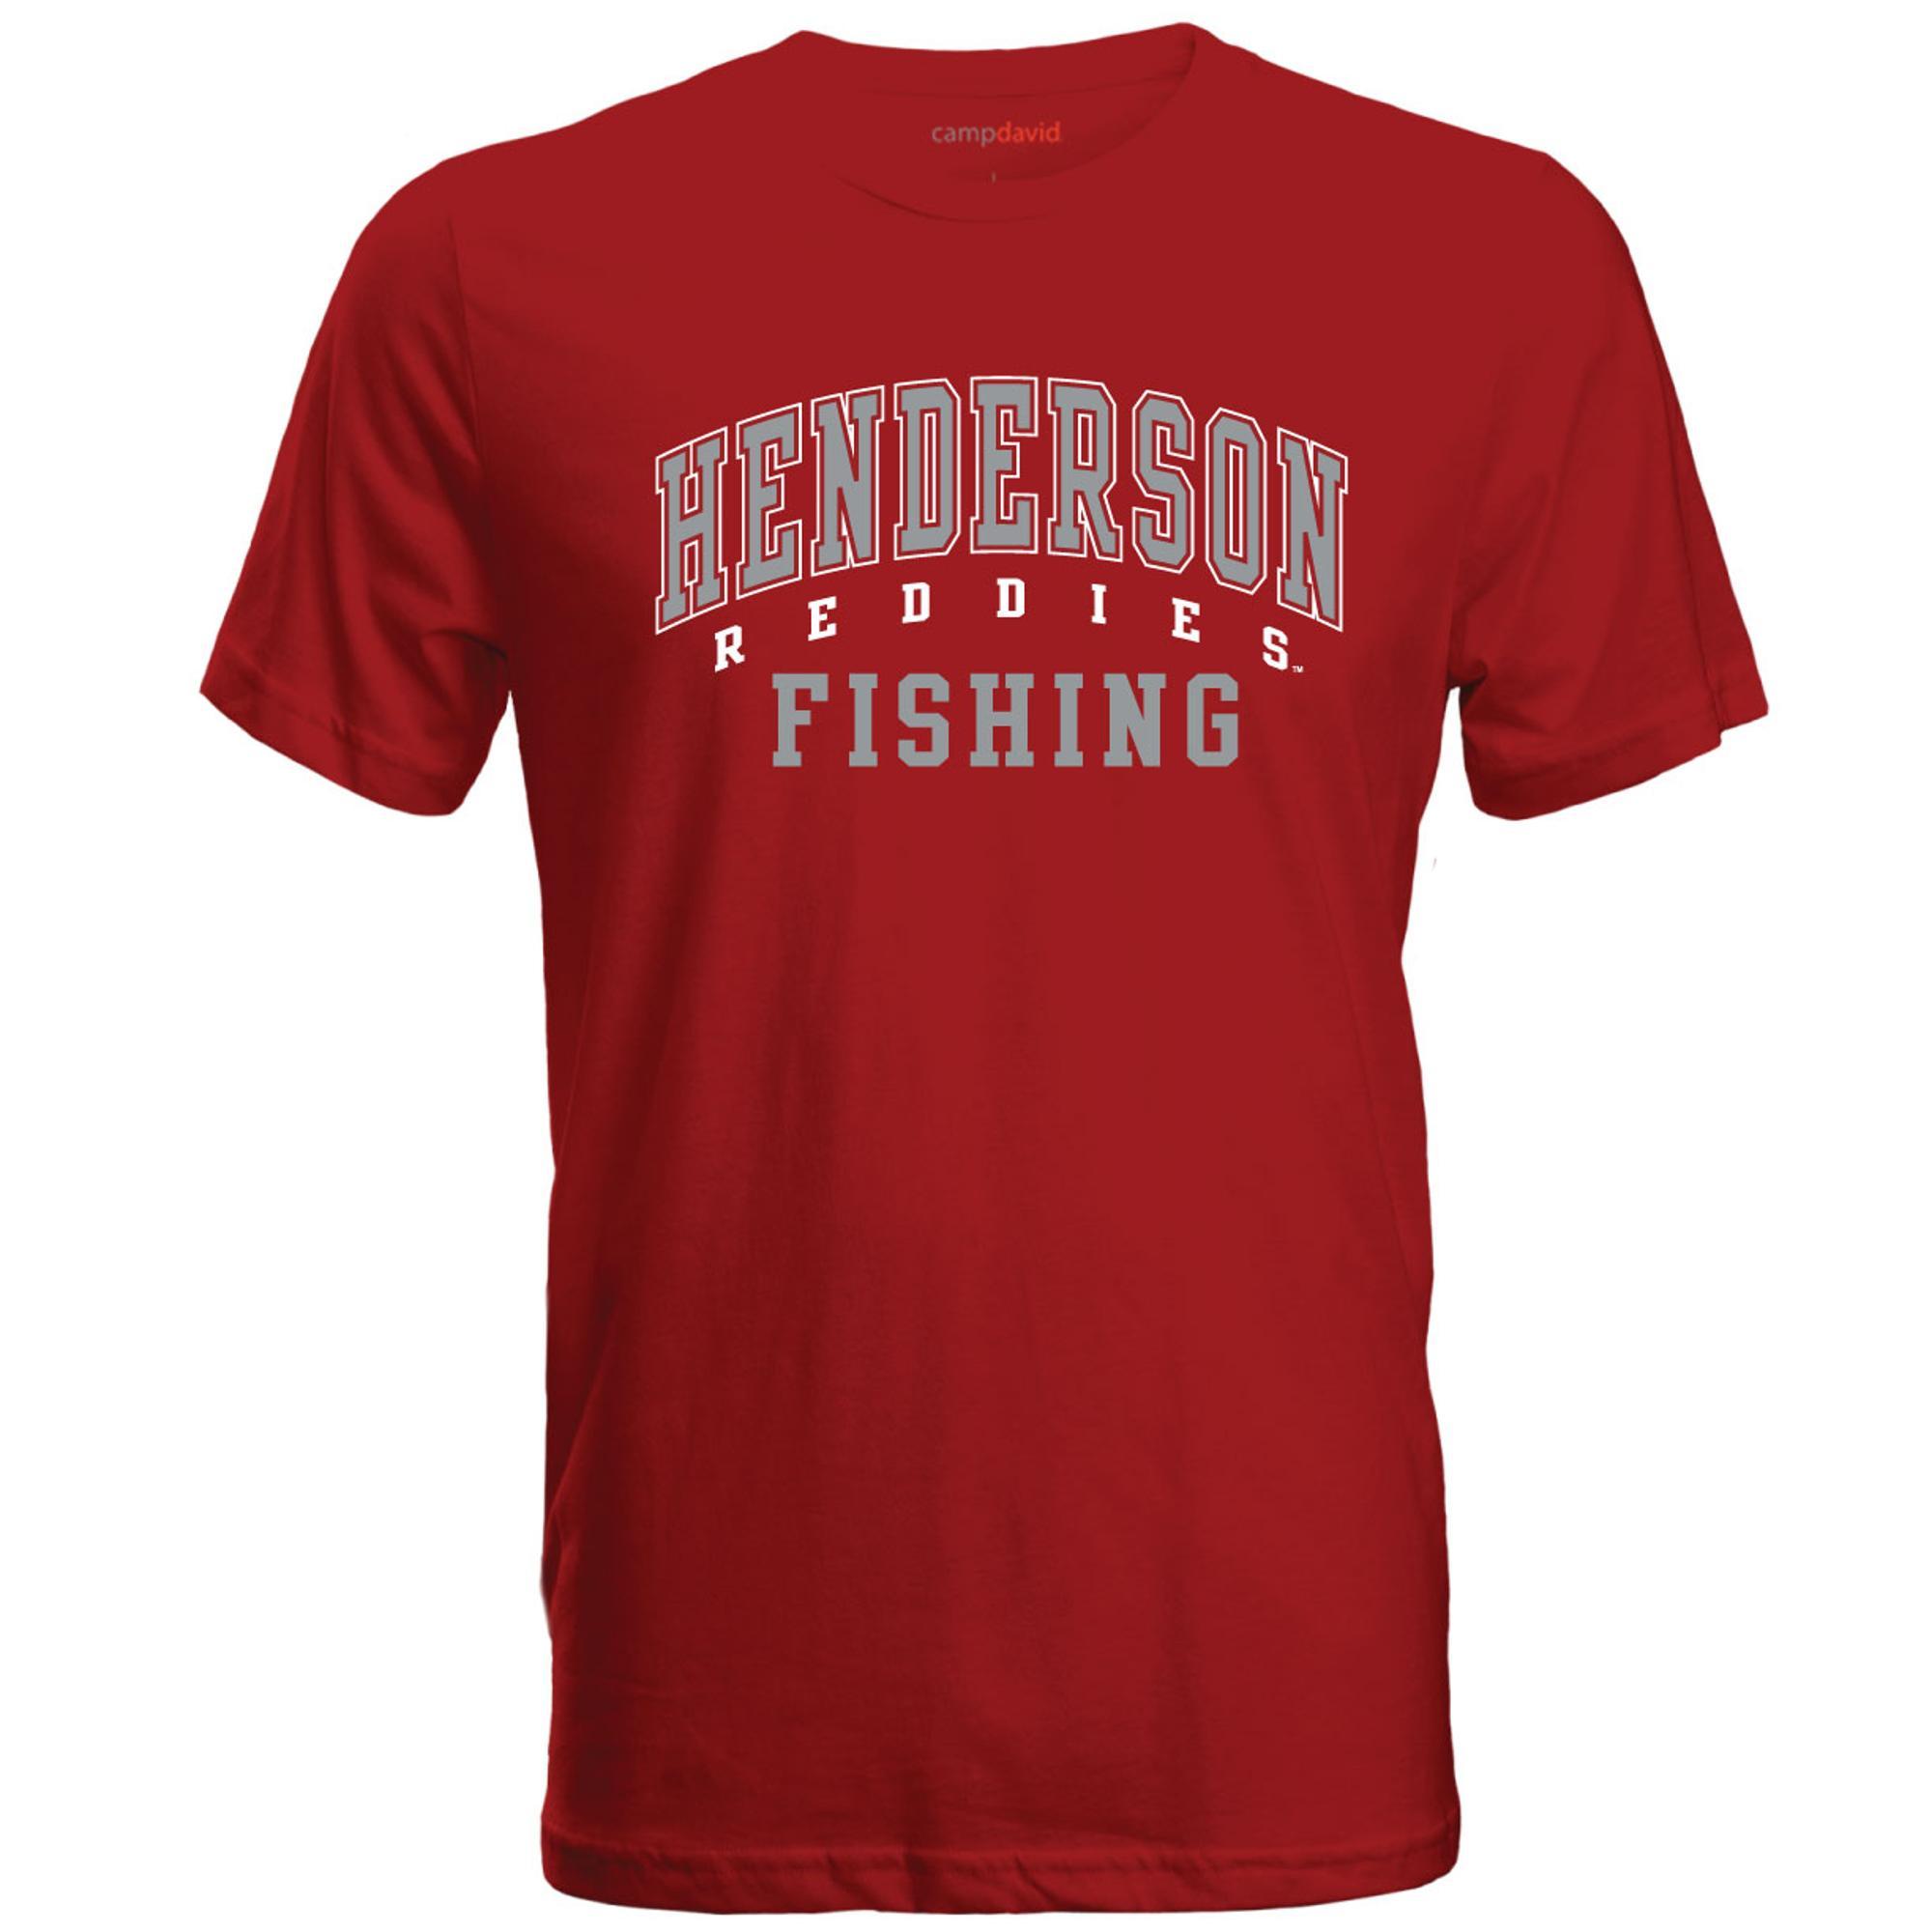 image of: Henderson Reddies Fishing Cruiser Tee